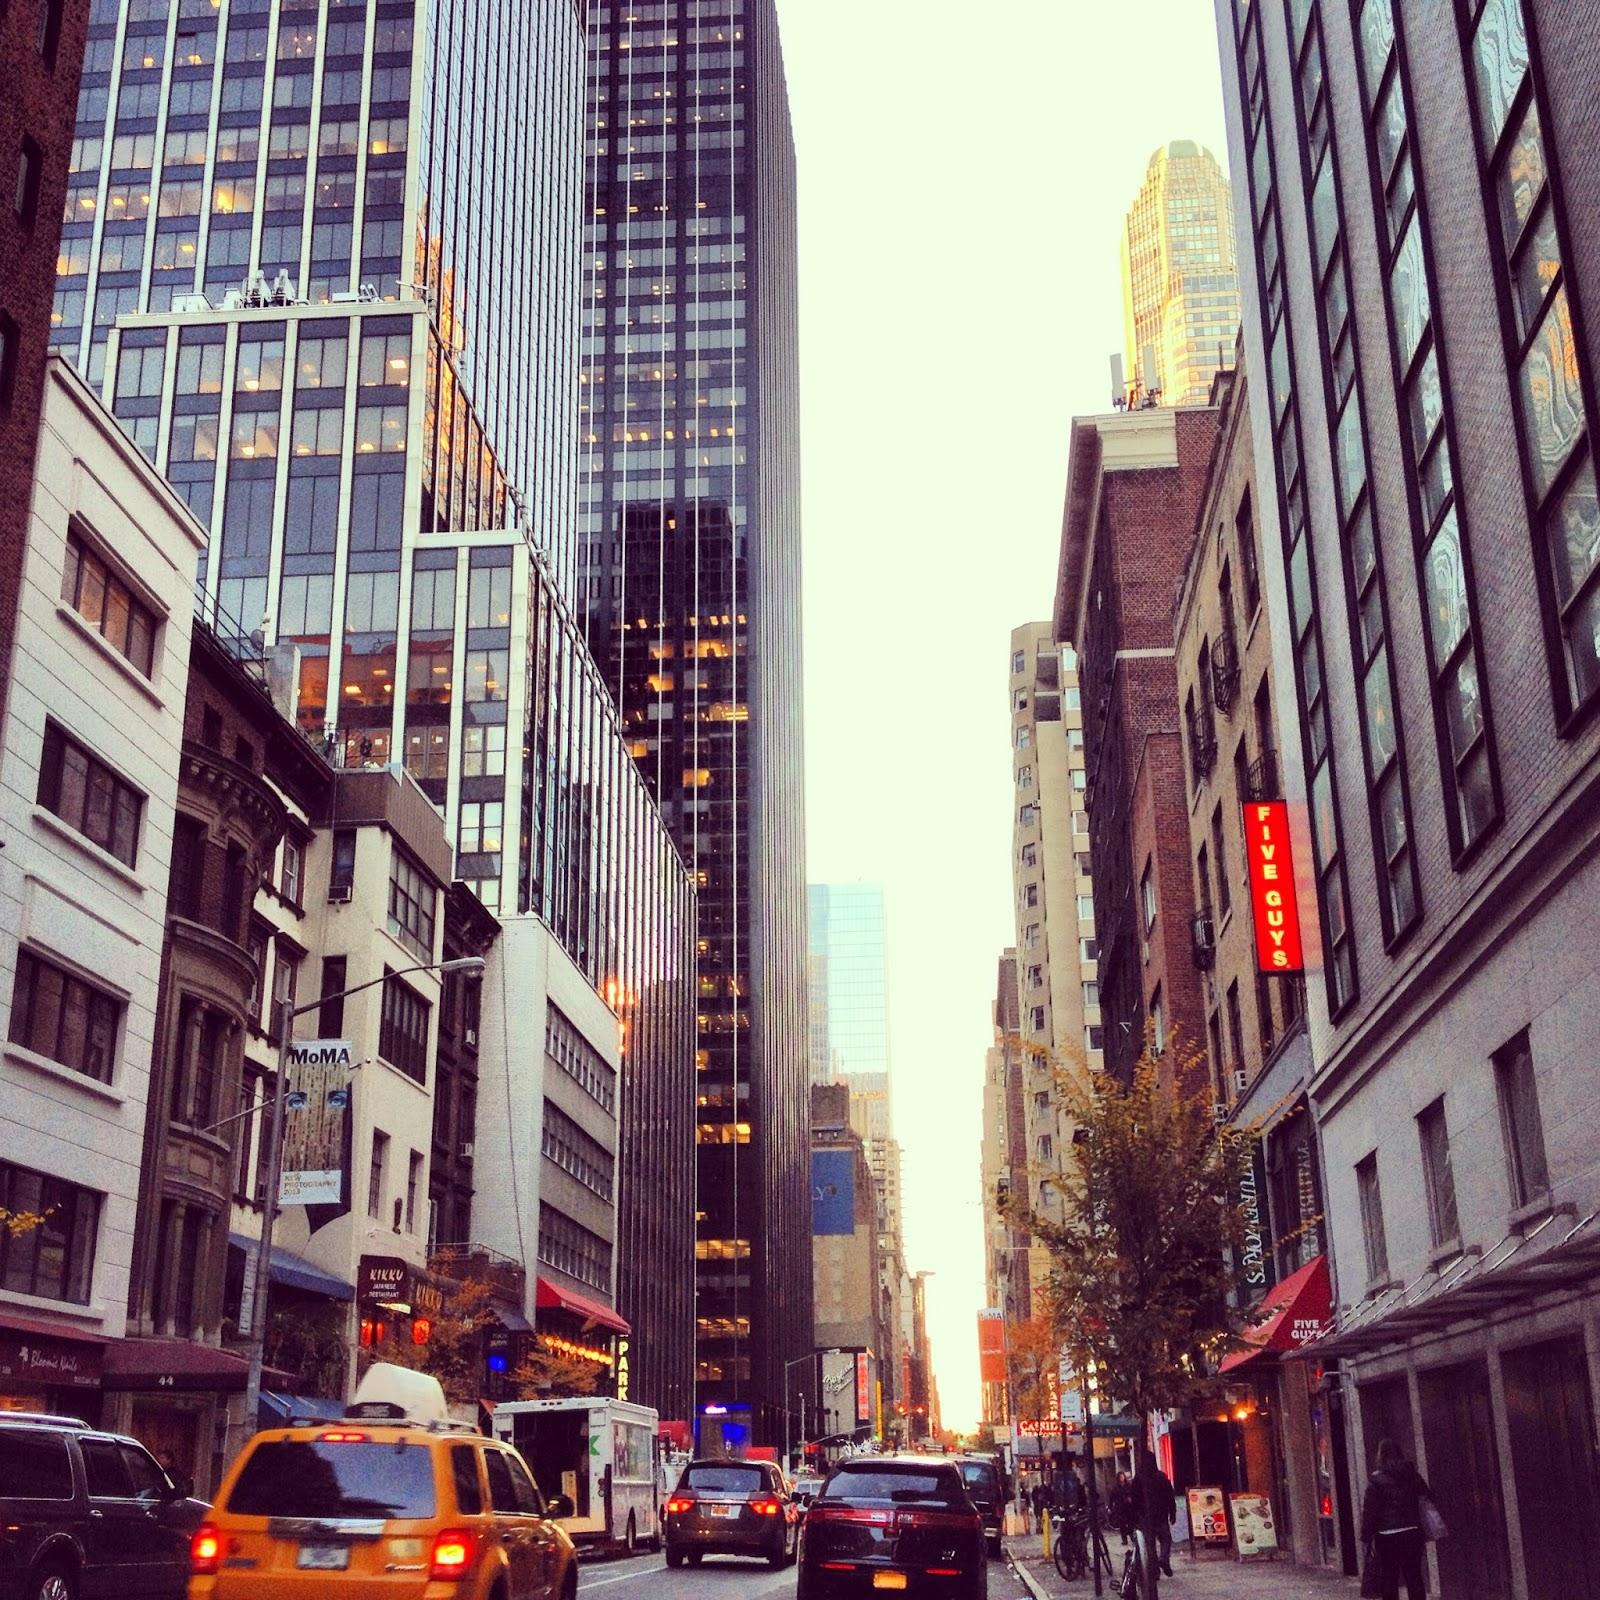 Αποτέλεσμα εικόνας για new york via insta photos